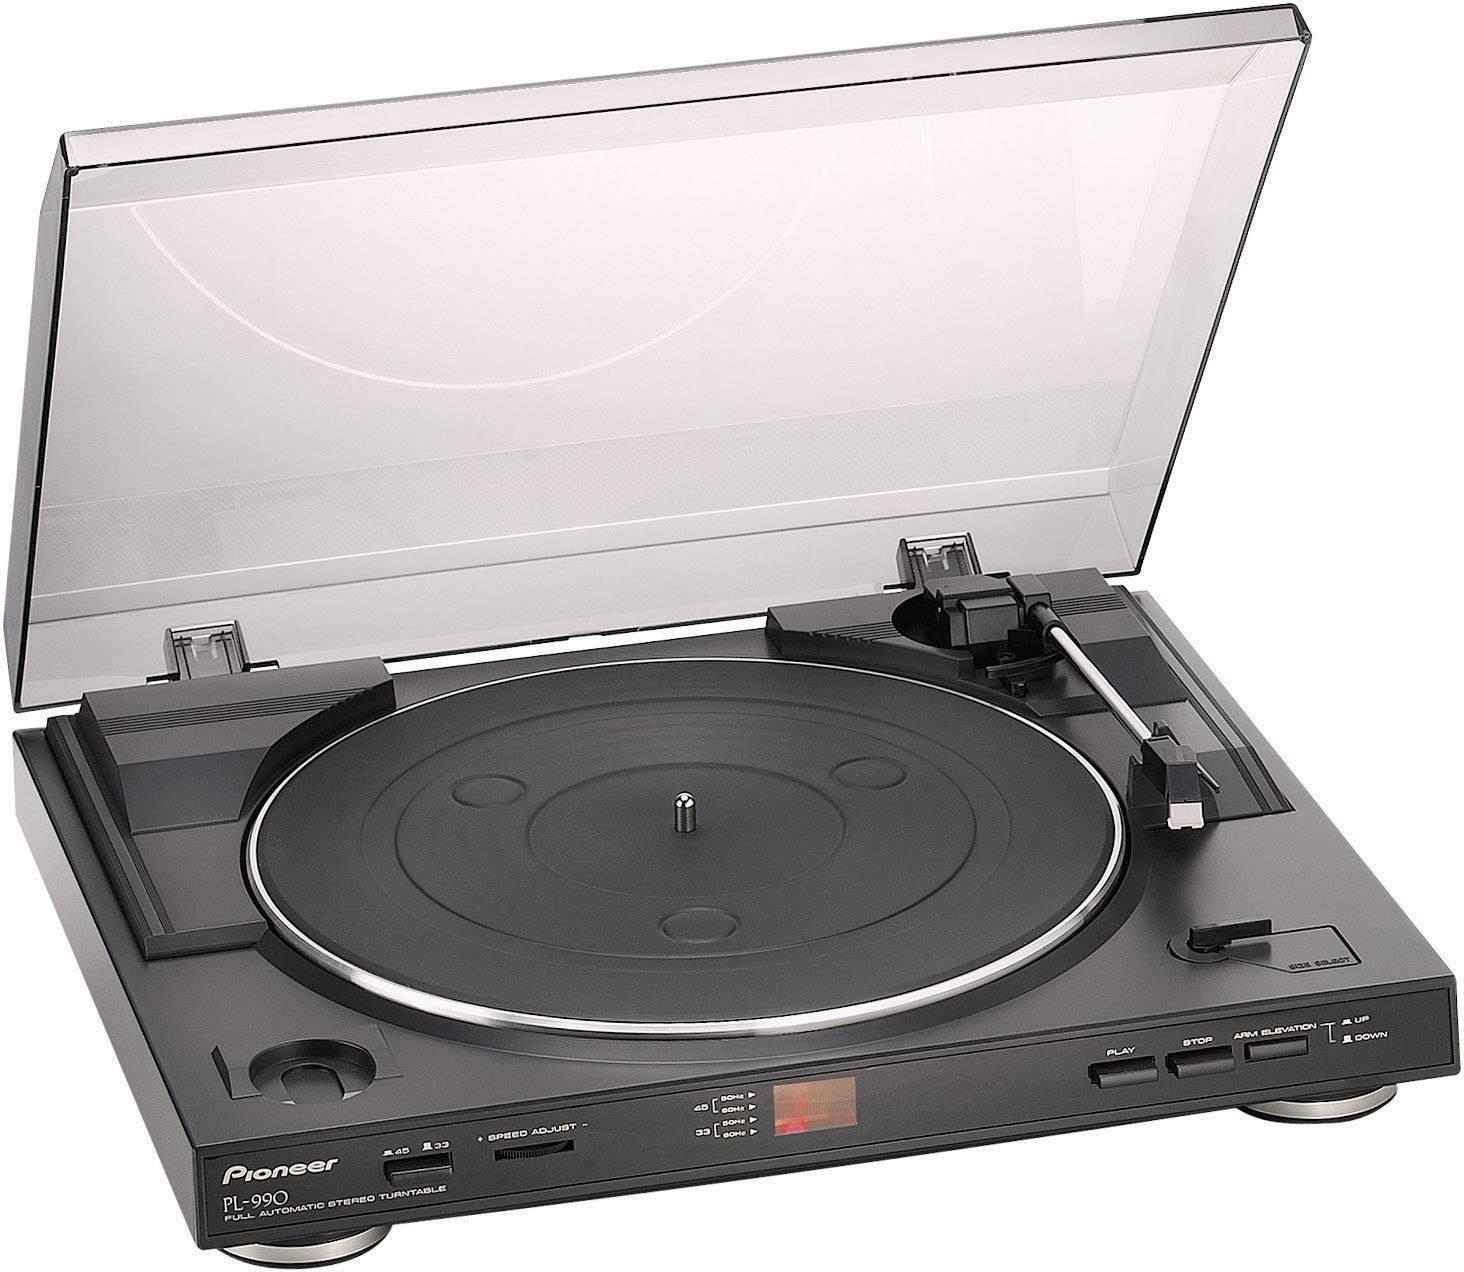 Gramofon Pioneer PL-990/6, řemínkový pohon, černá